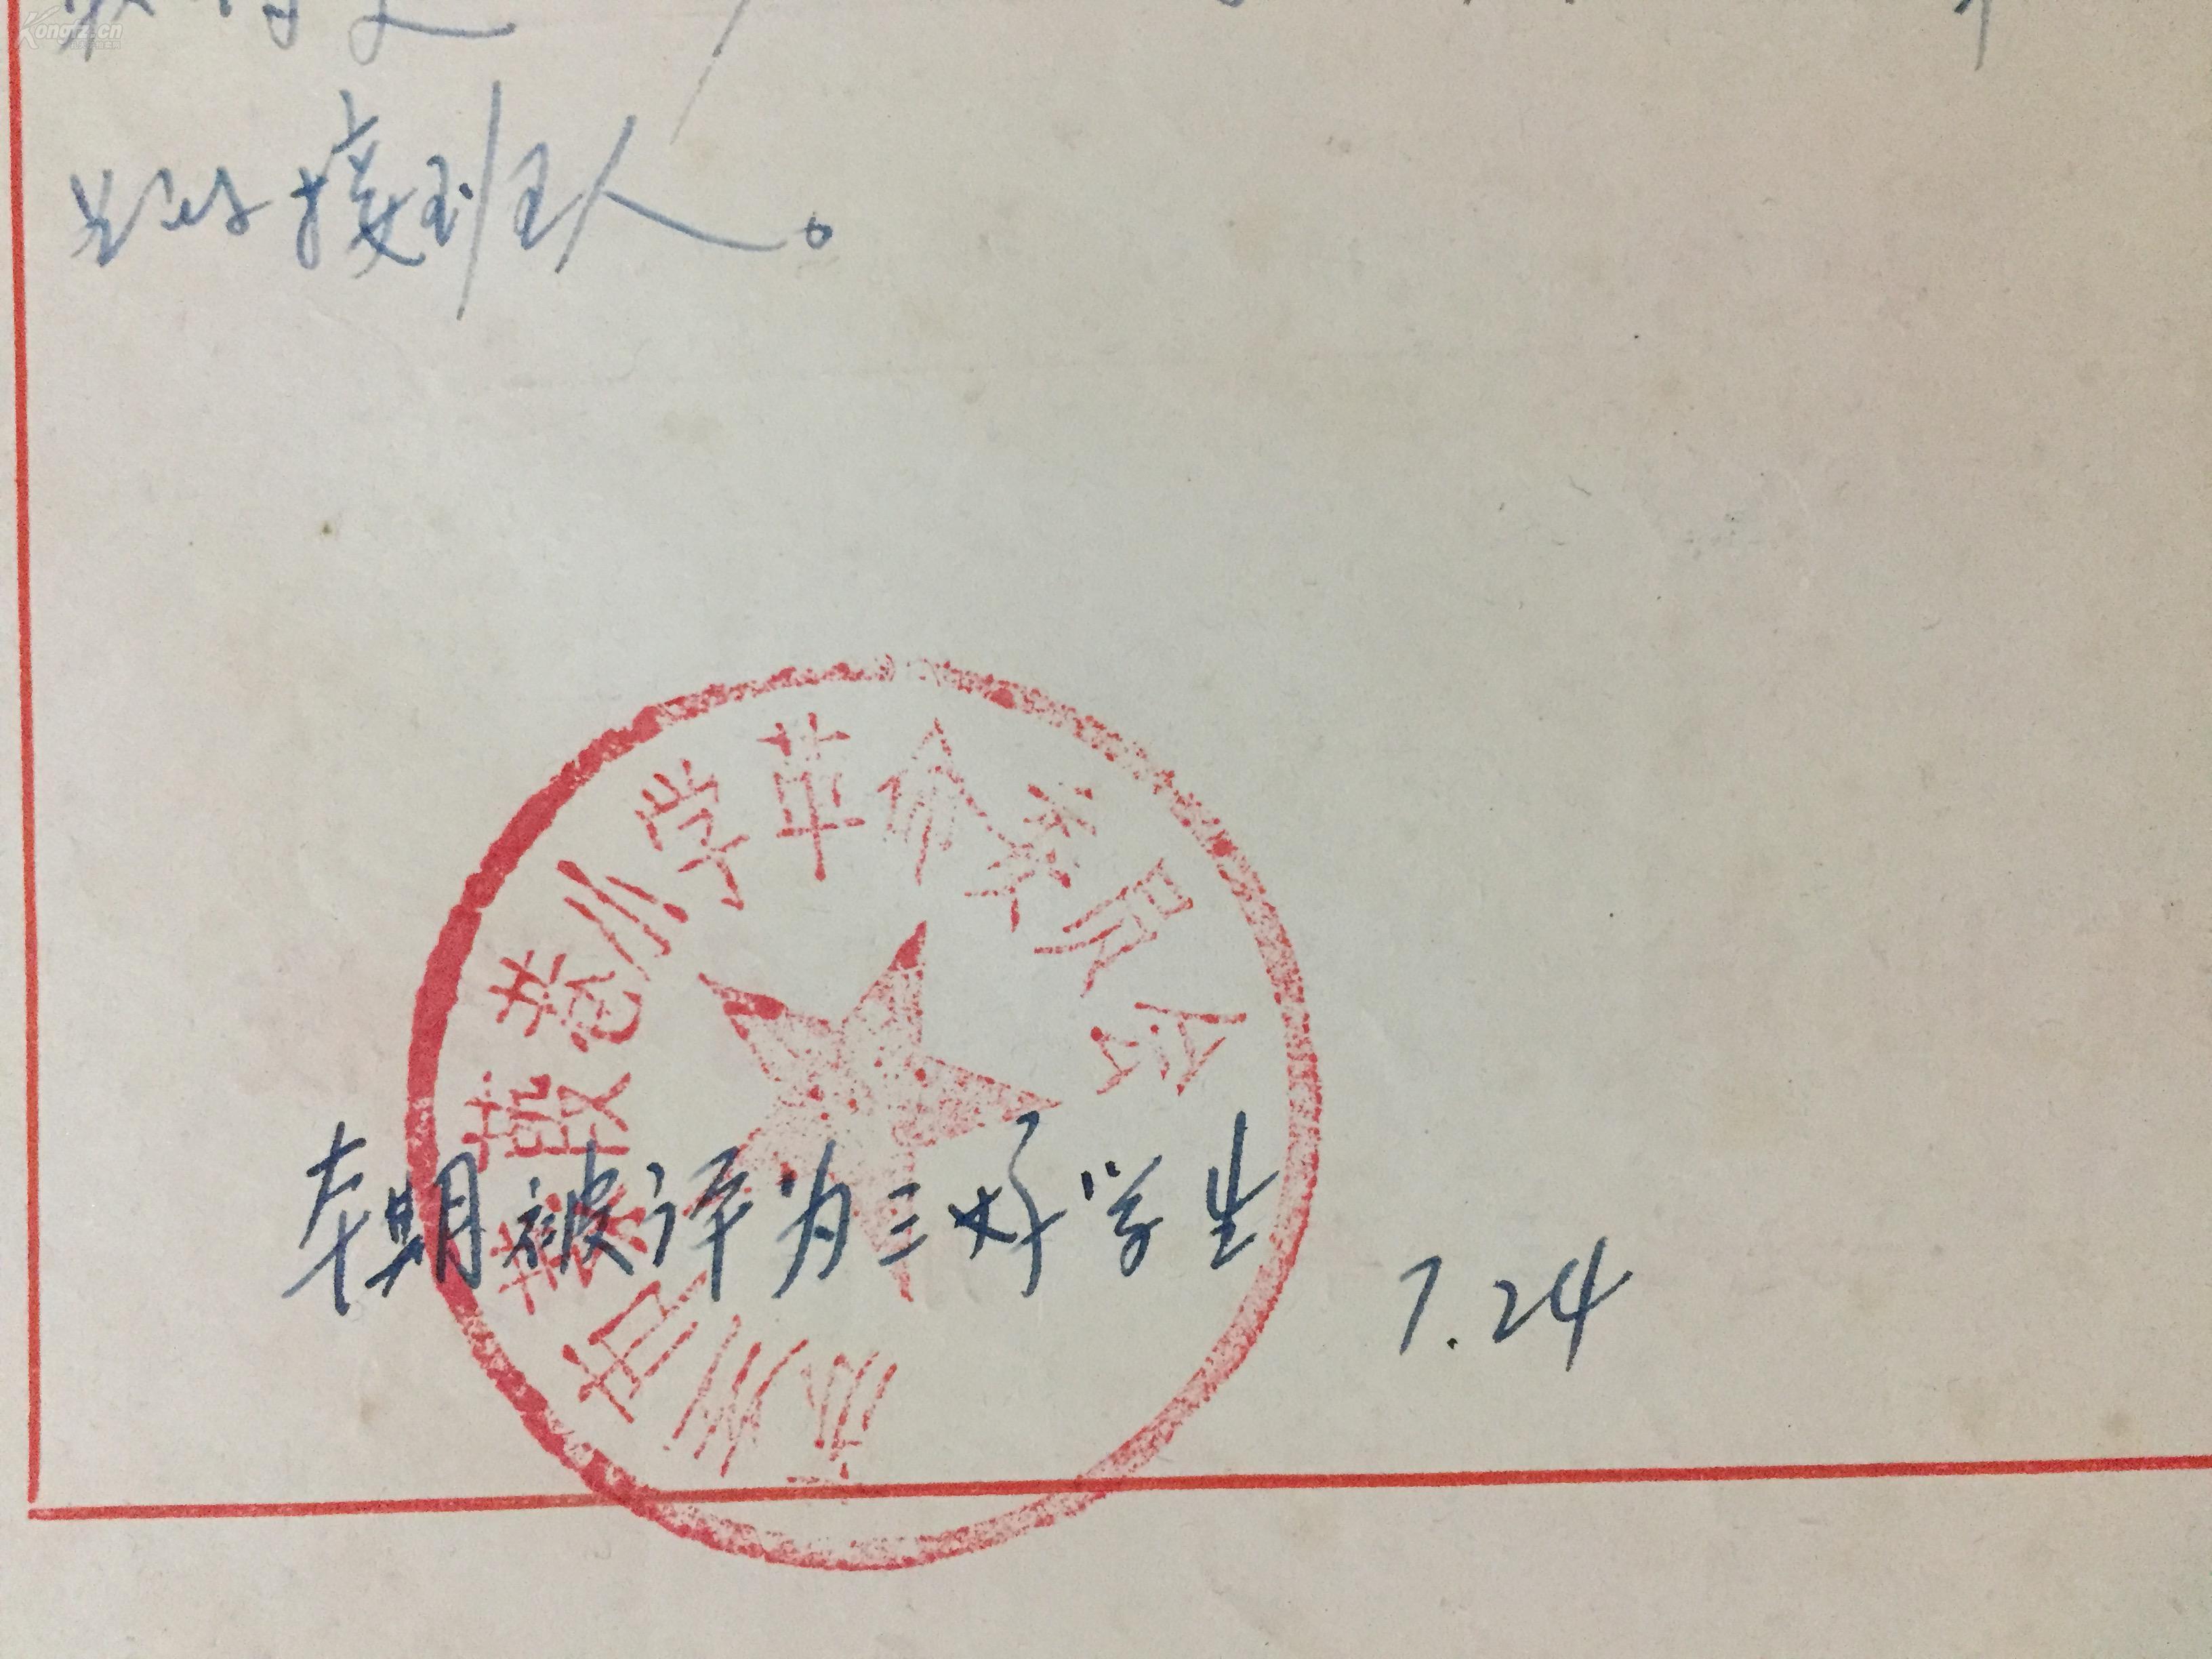 1973年苏州录葭巷语录带毛小学新区《学生情苏州小学v语录主席图片